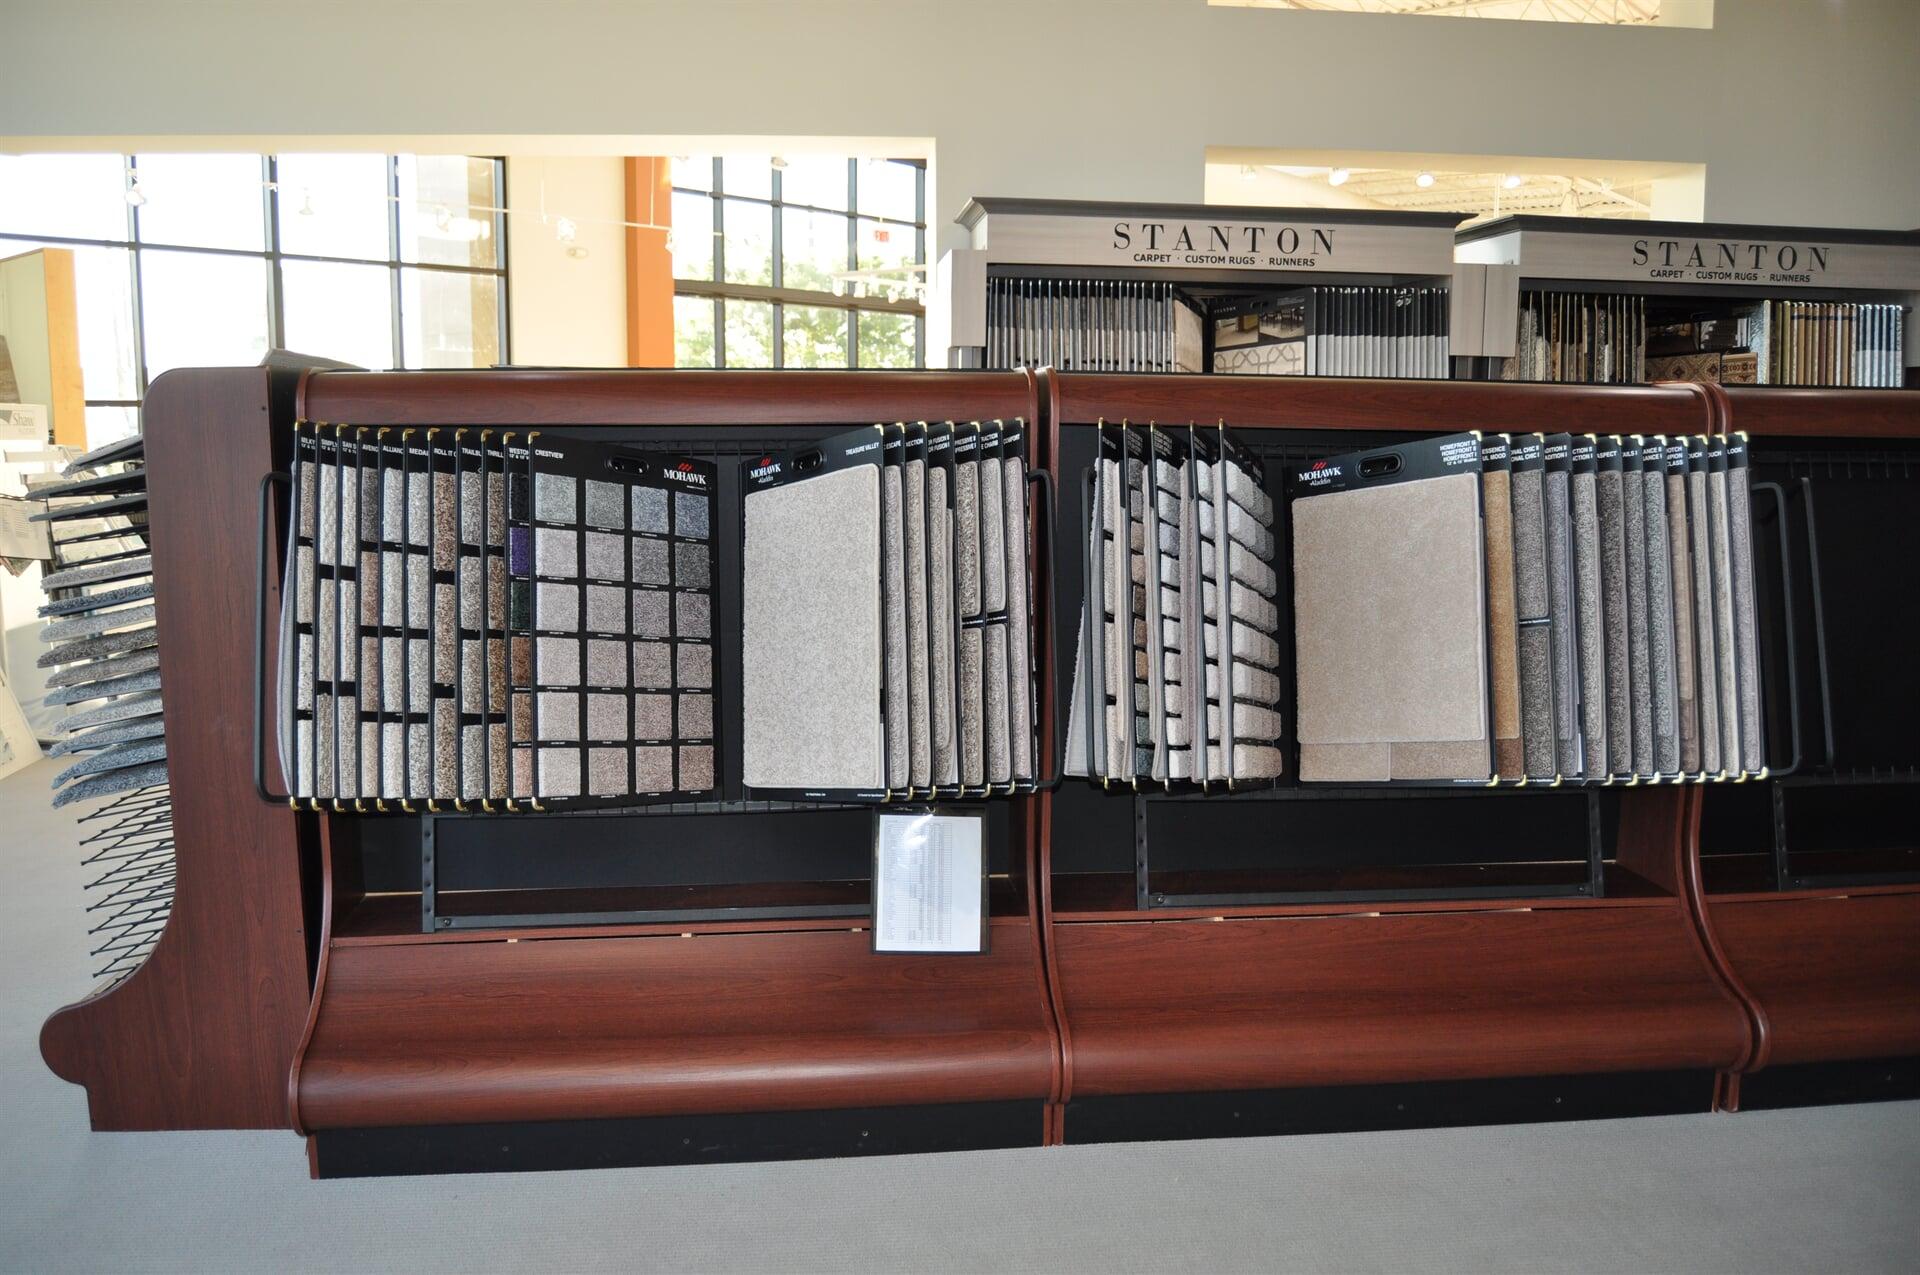 Mohawk carpet for your Atlanta, GA home from Beckler's Flooring Center